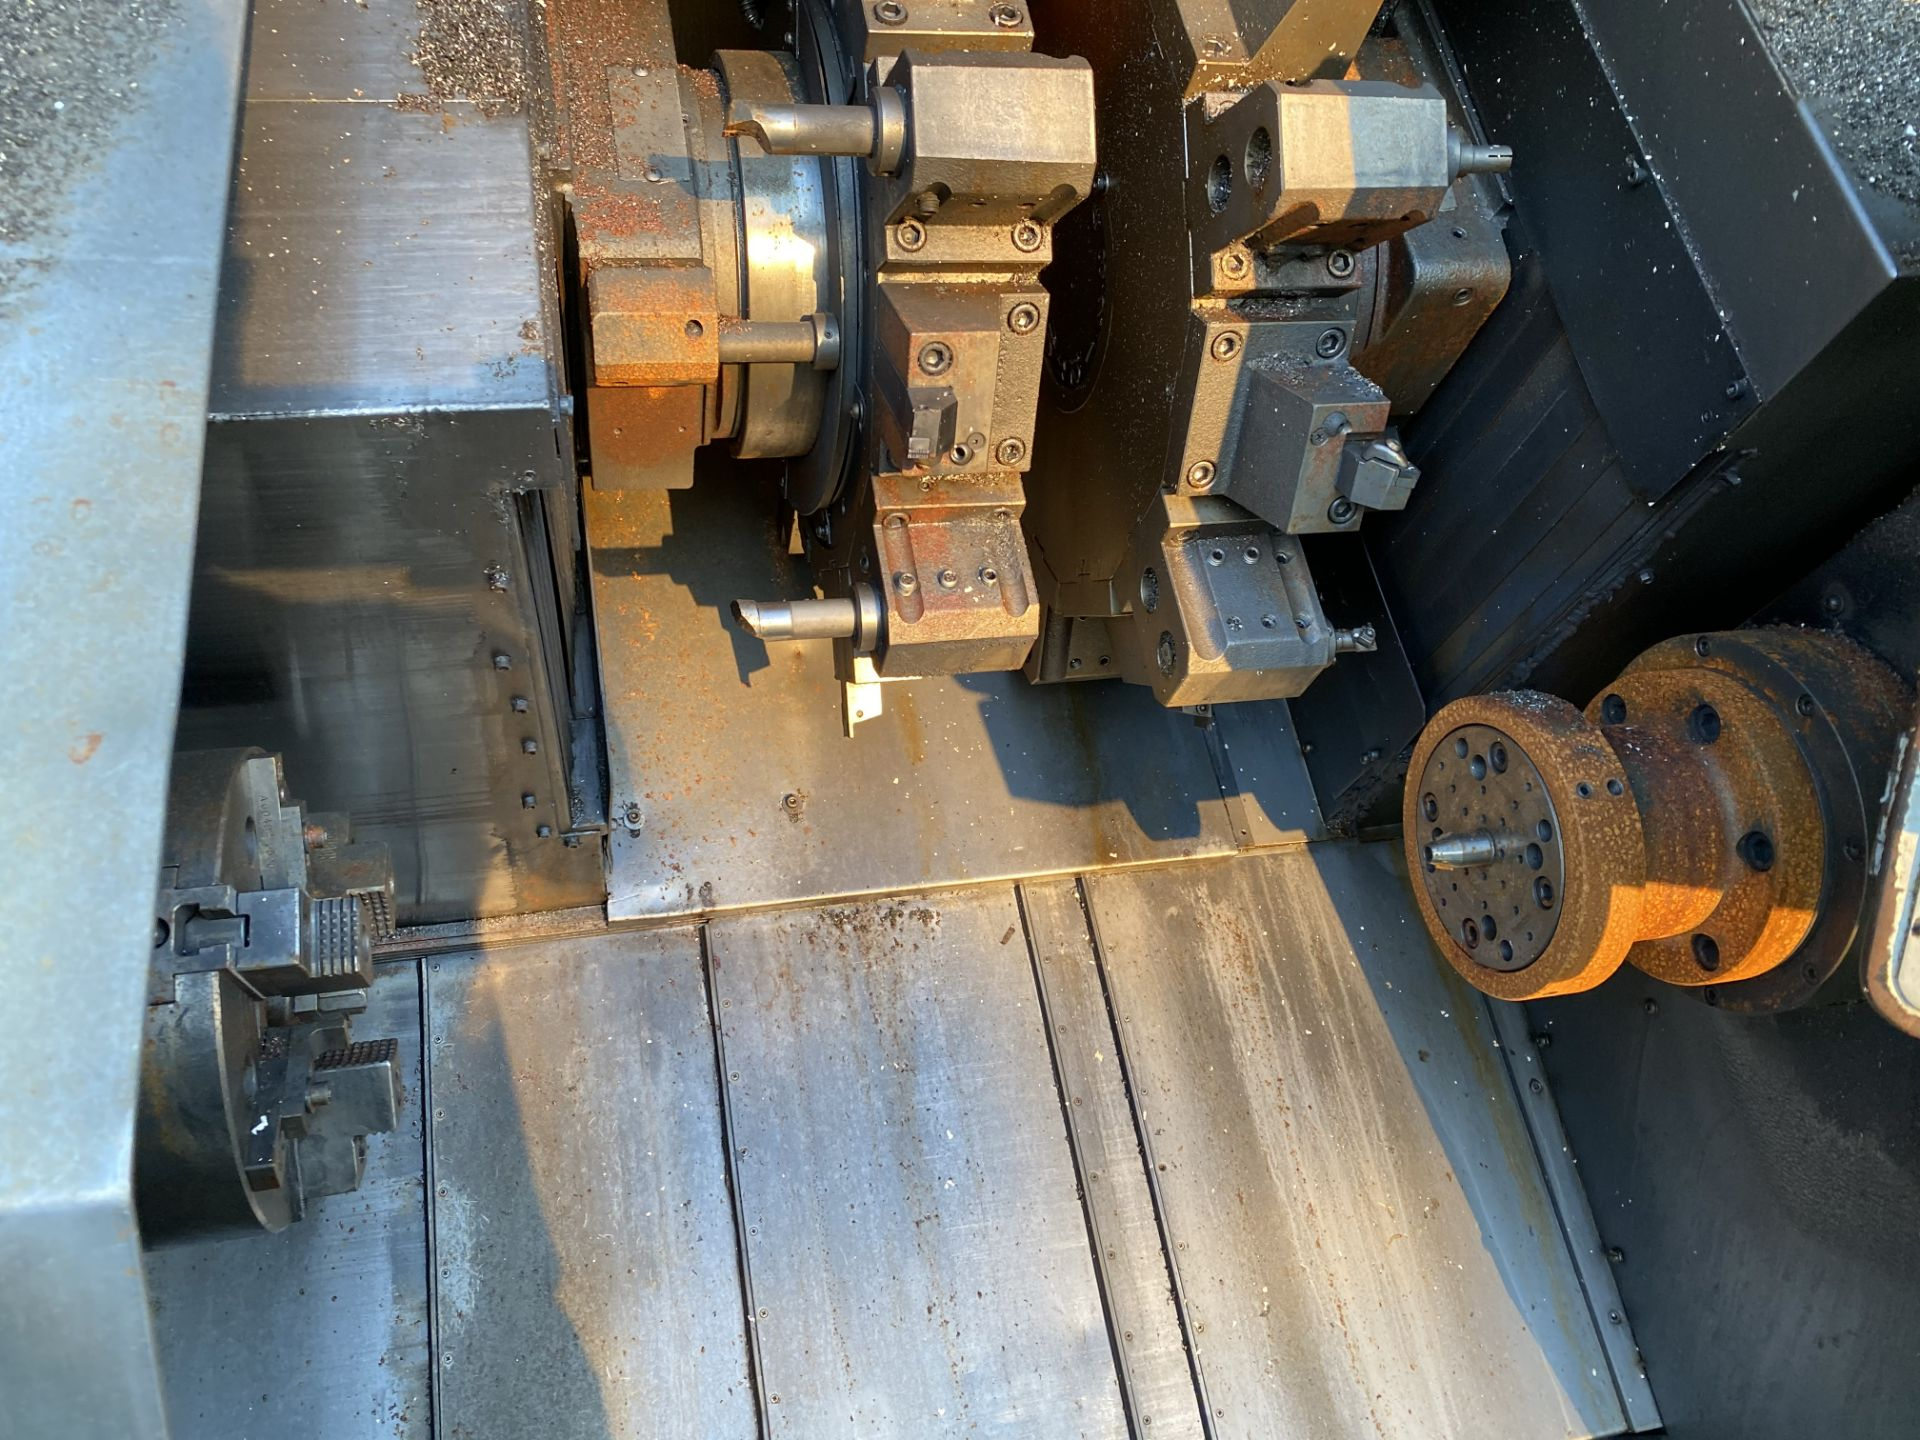 Nakamura-Tome #TW-30 CNC Lathe - Image 5 of 7